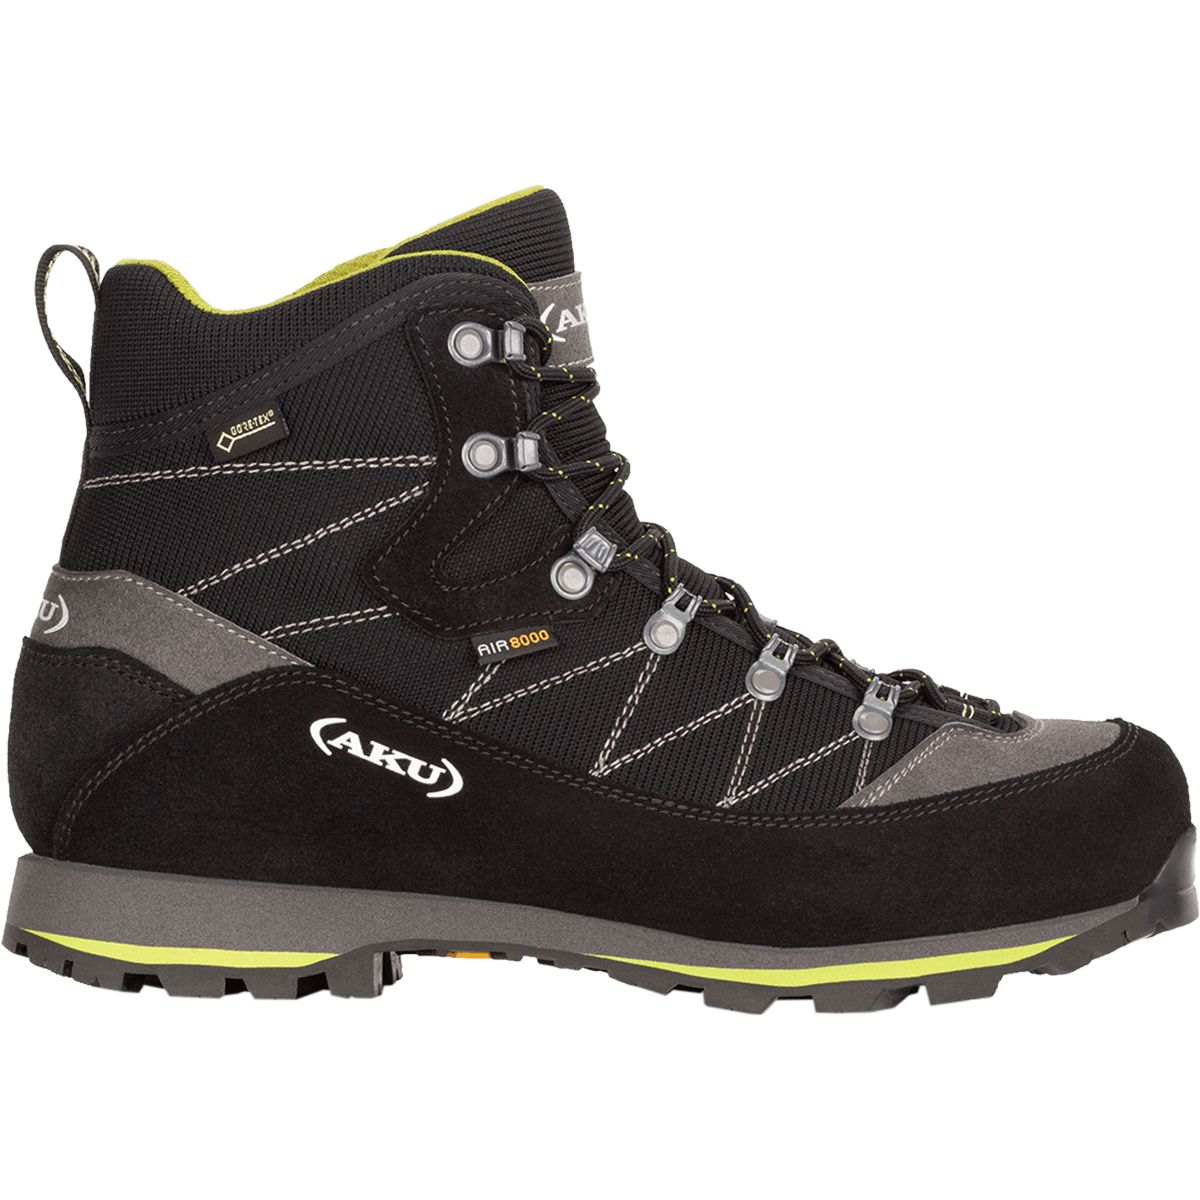 Ботинки мужские AKU Trekker Lite III GTX,